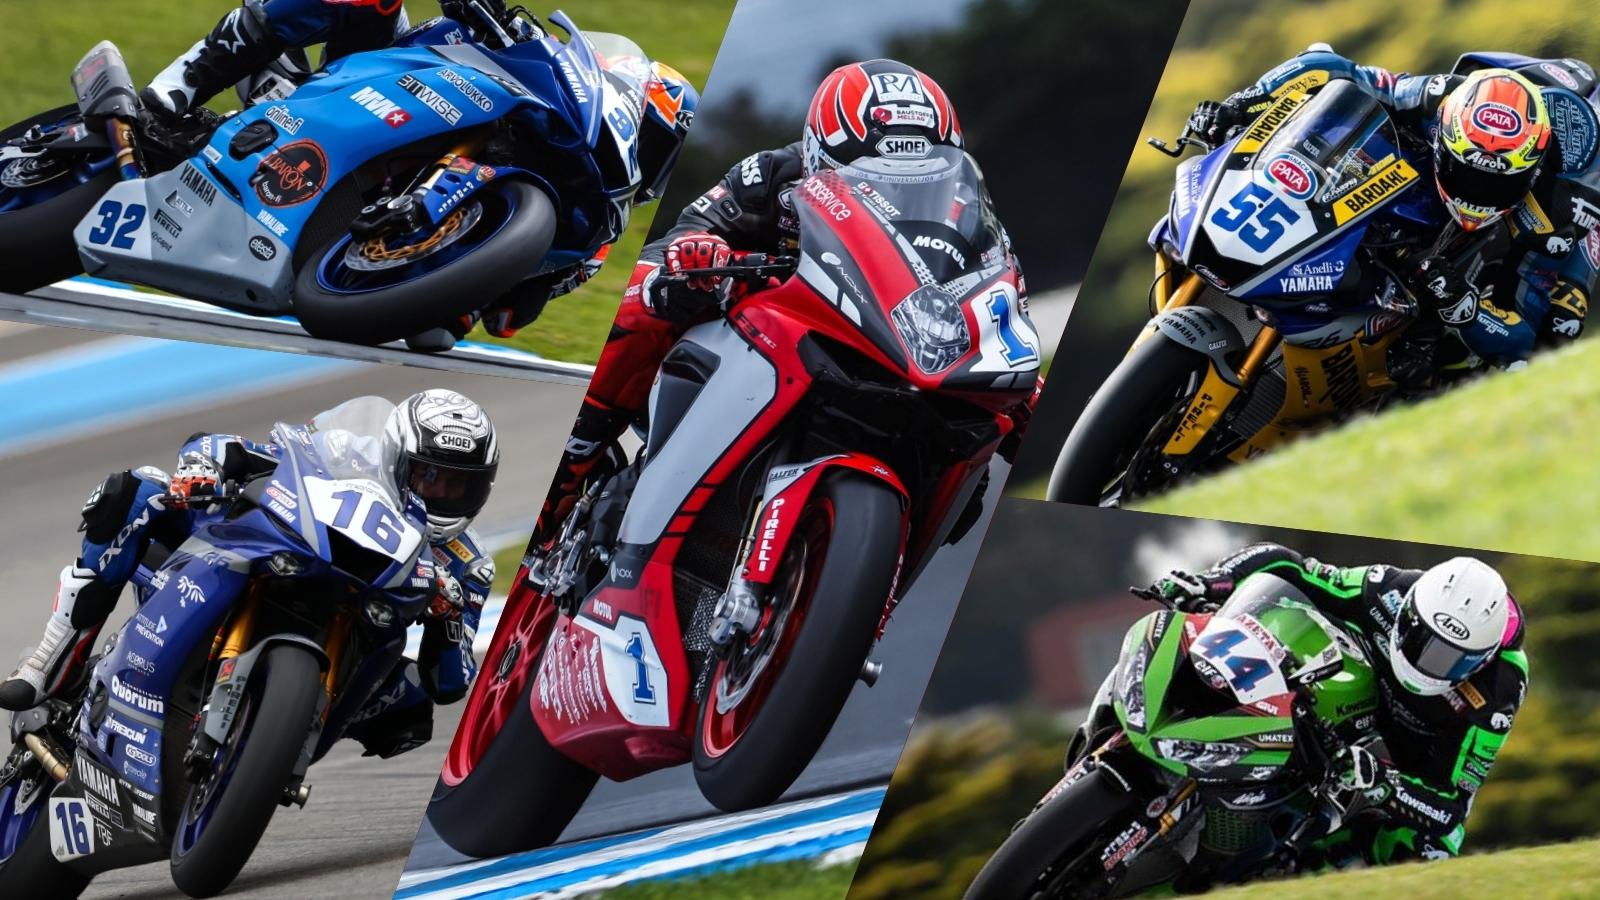 Supersport 2020: pilotos, motos, equipos, calendario, 3 españoles y cinco favoritos